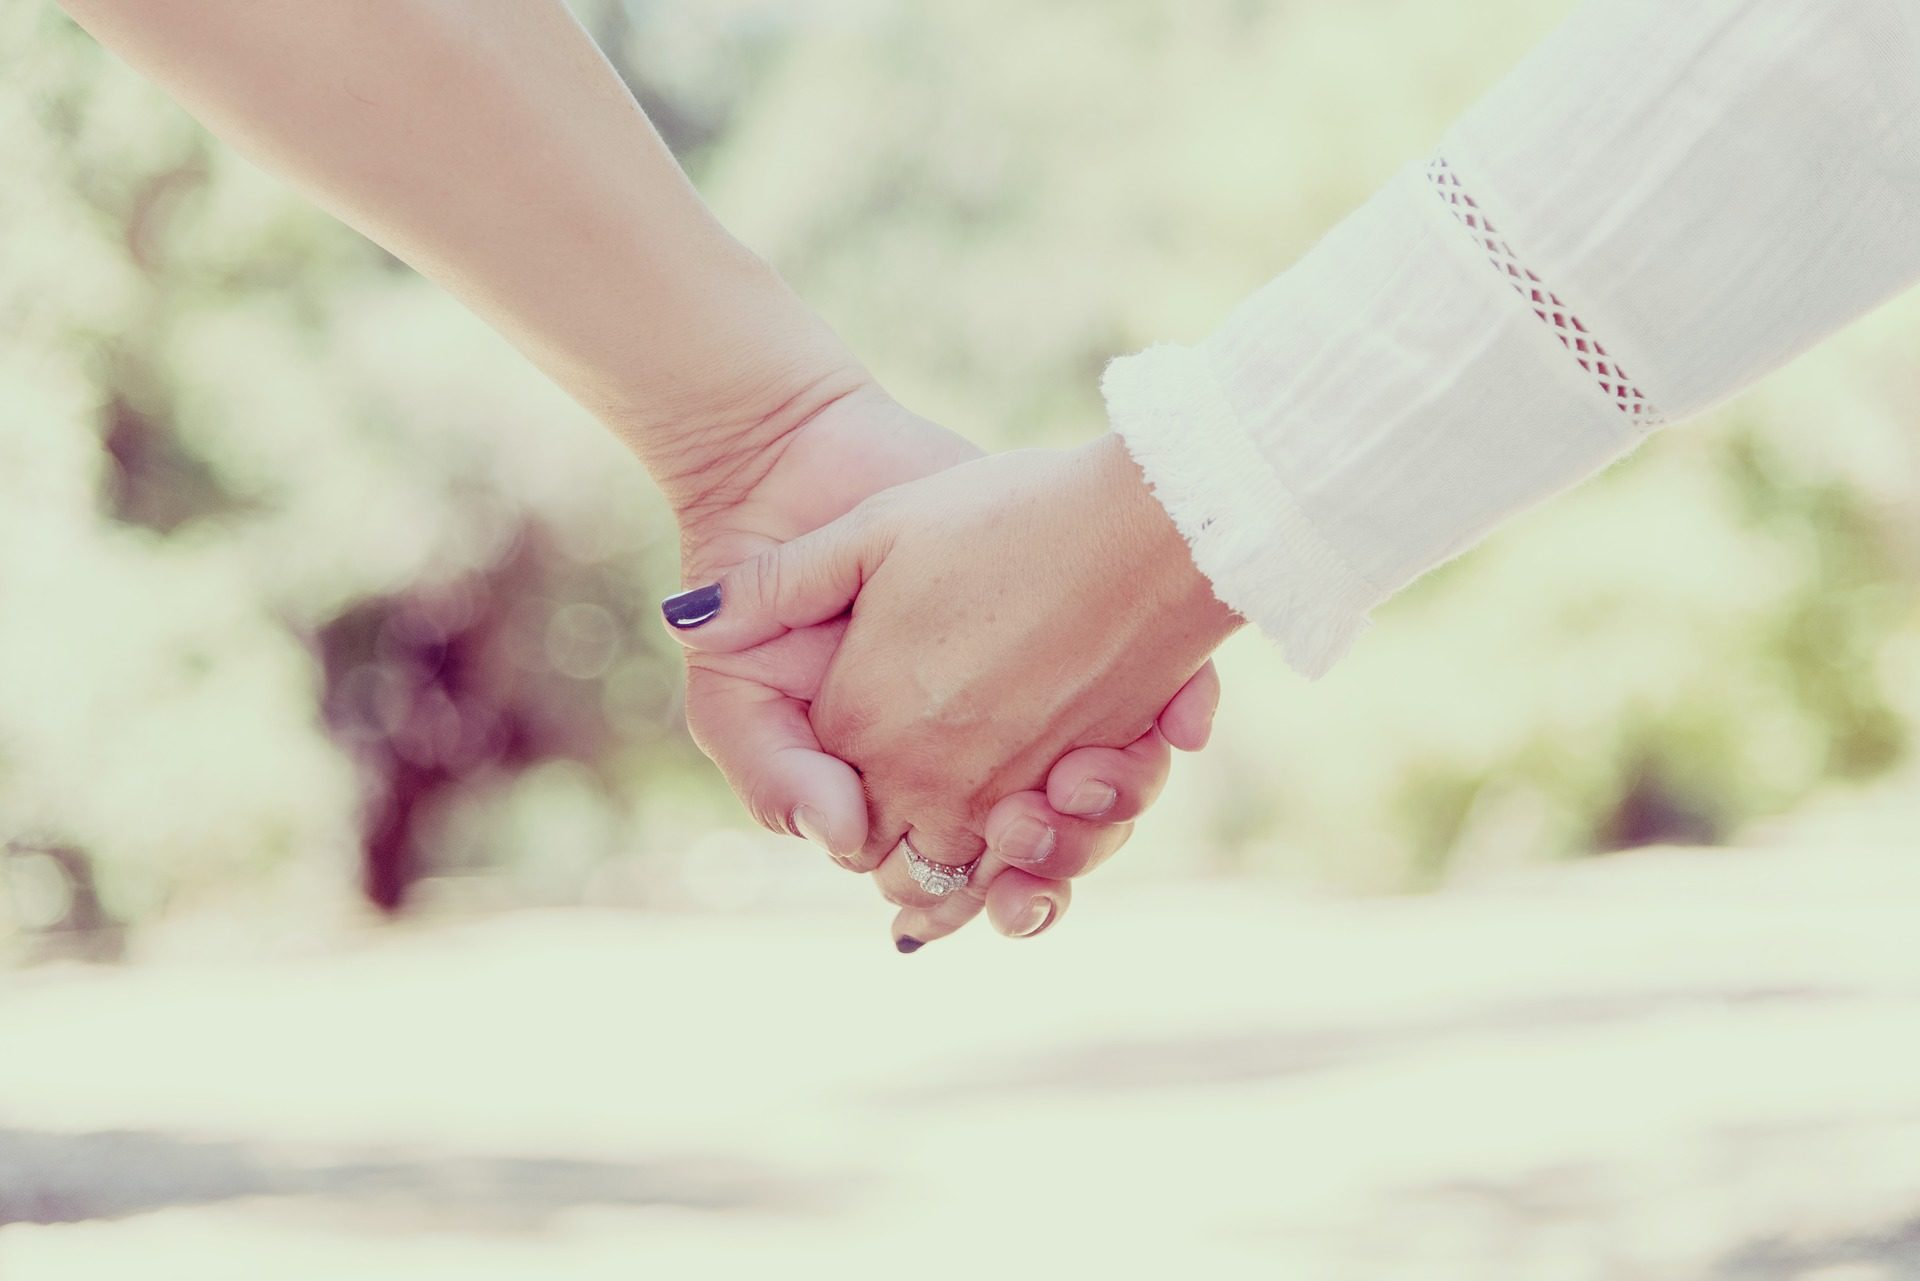 手, 夫妇, 男子, 女人, 爱, 友谊, 关系 - 高清壁纸 - 教授-falken.com